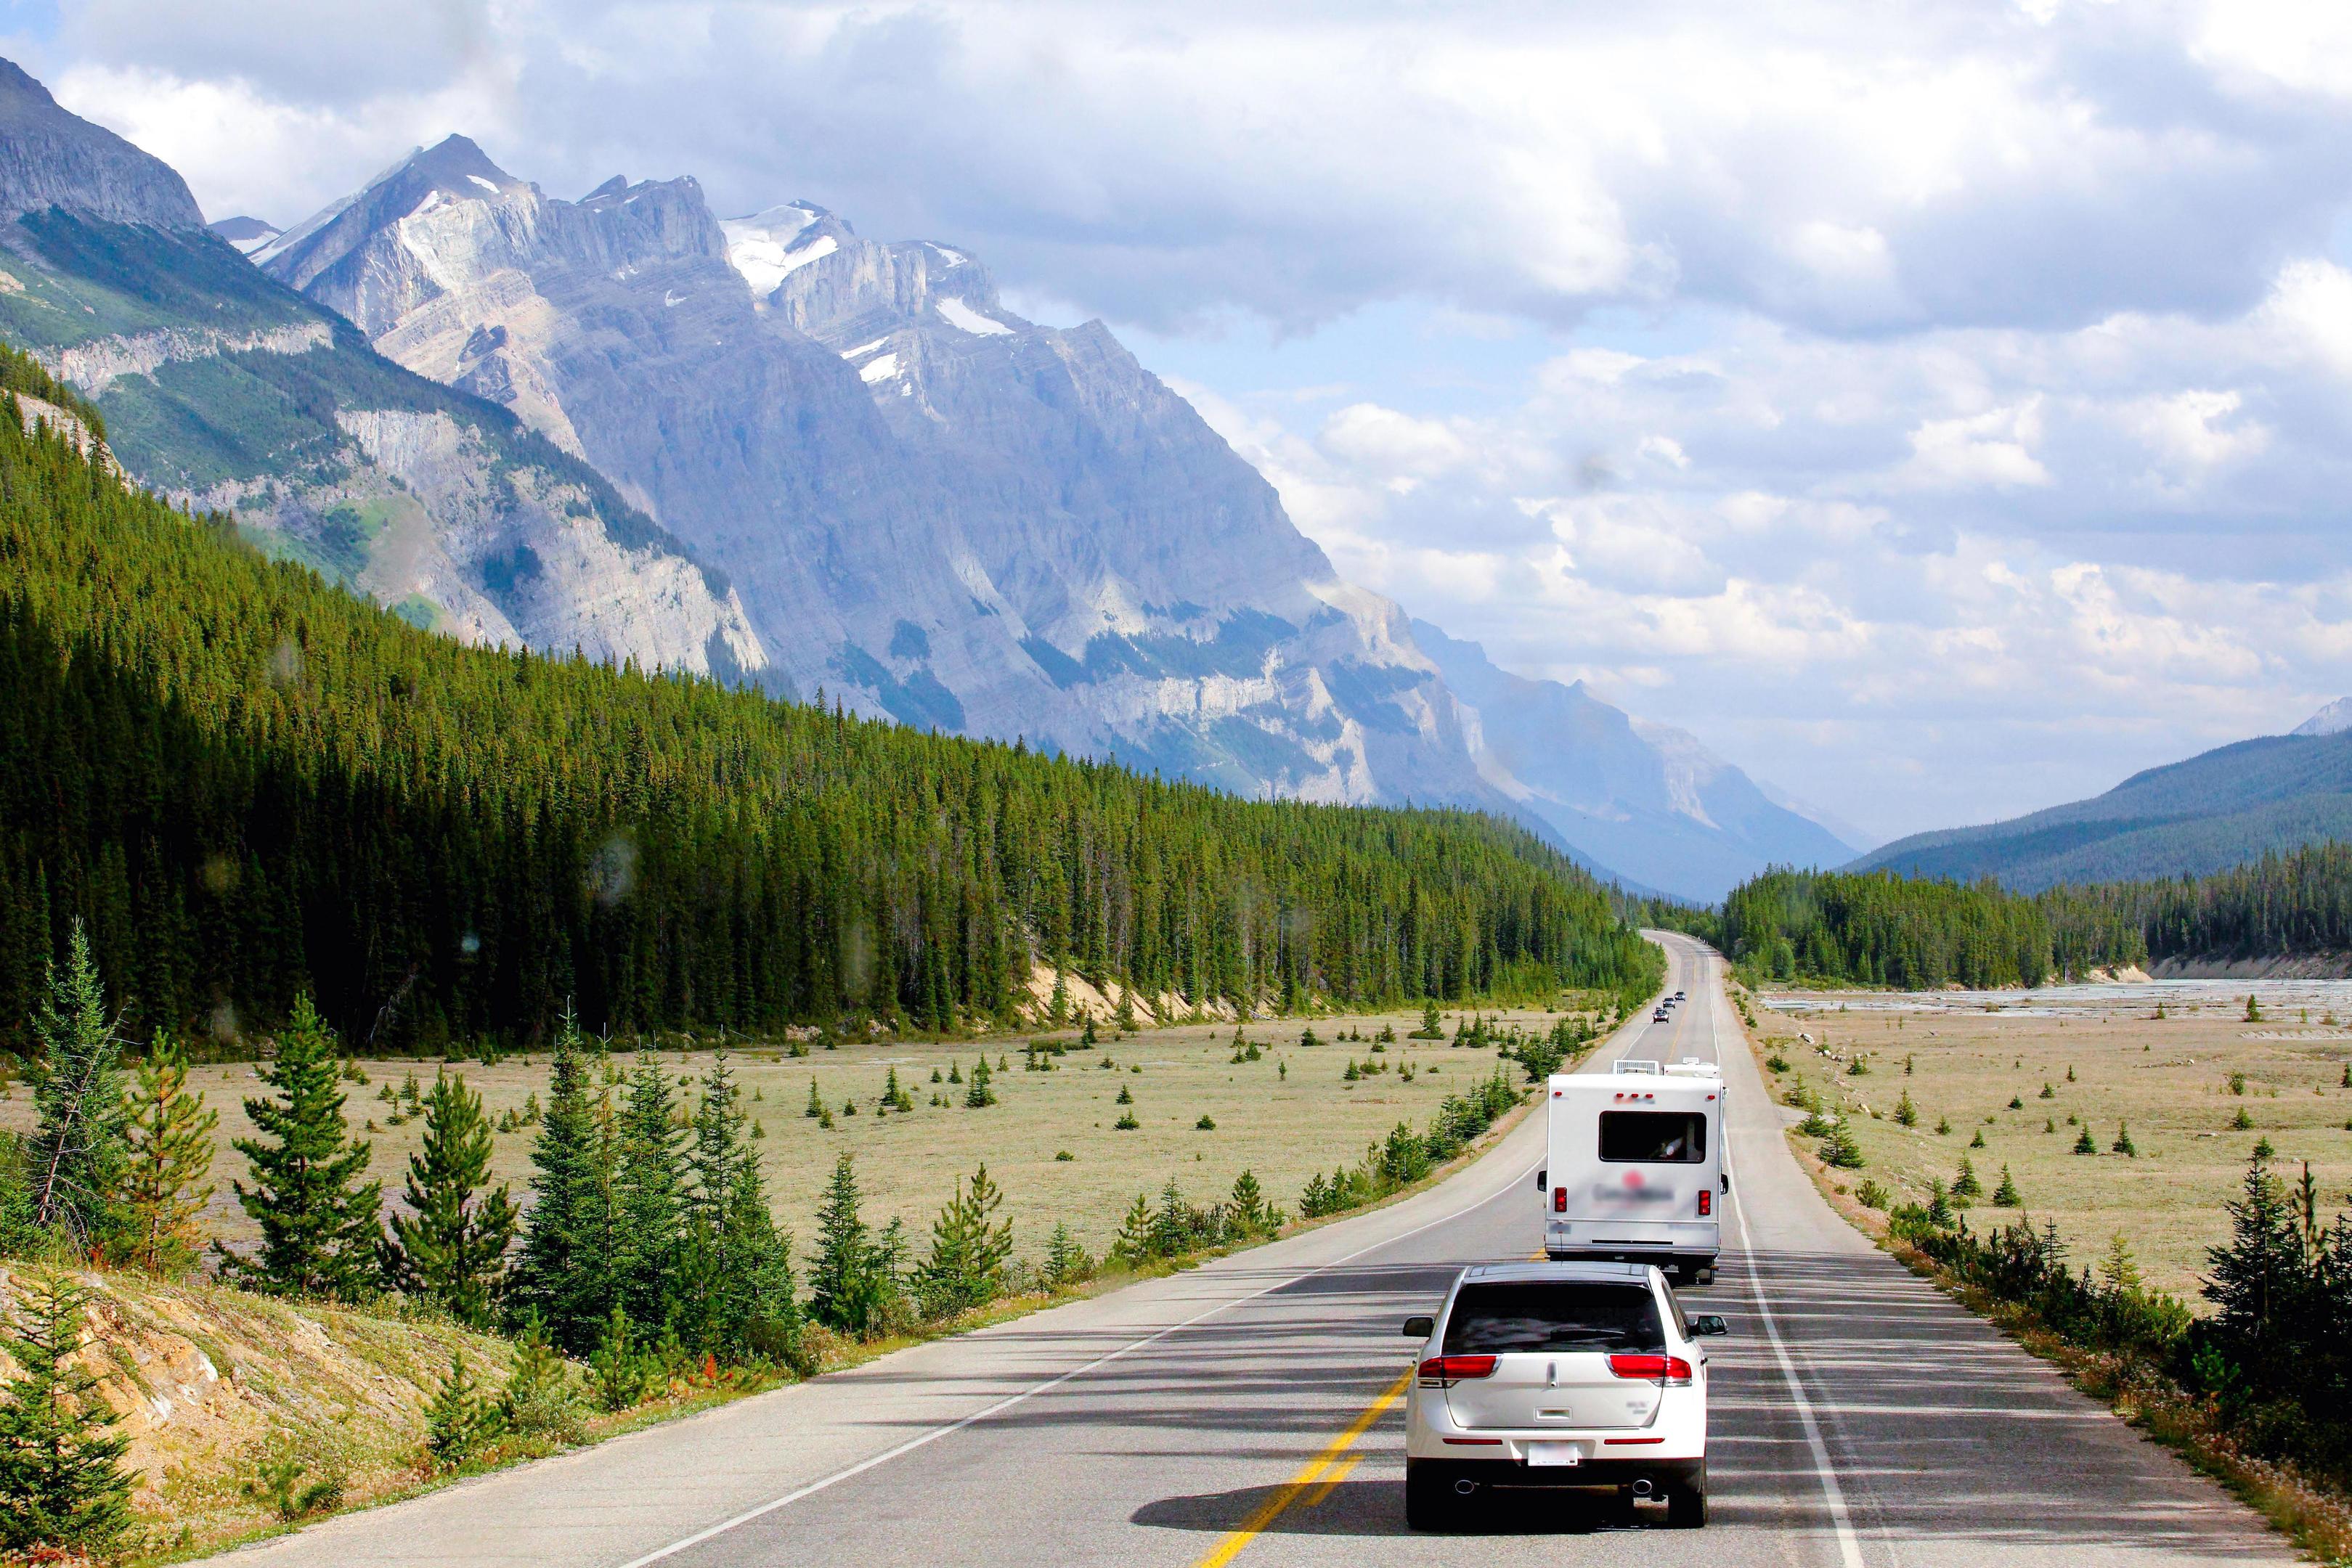 Saskatchewan Highlights along the Trans